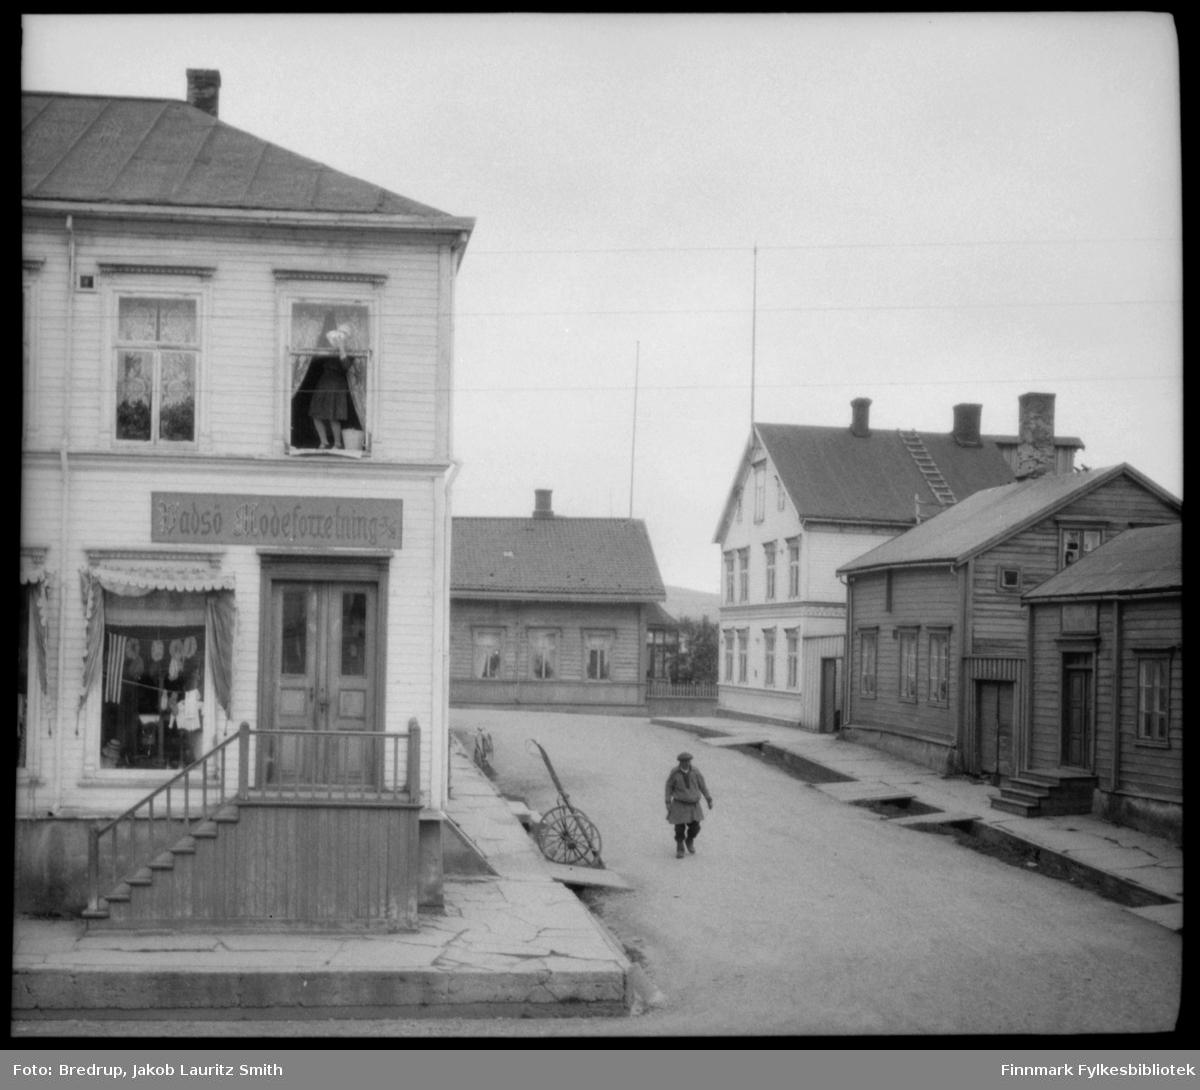 En enslig mann i samekofte går forbi 'Vadsø Modeforretning', drevet av søstrene Sundelin fra til krigen.  En kvinne står i andre etasje og pusser vinduer. Det står en sykkel og ei kjerre parkert utenfor butikken.  Ellers er flere bygninger med på bildet.